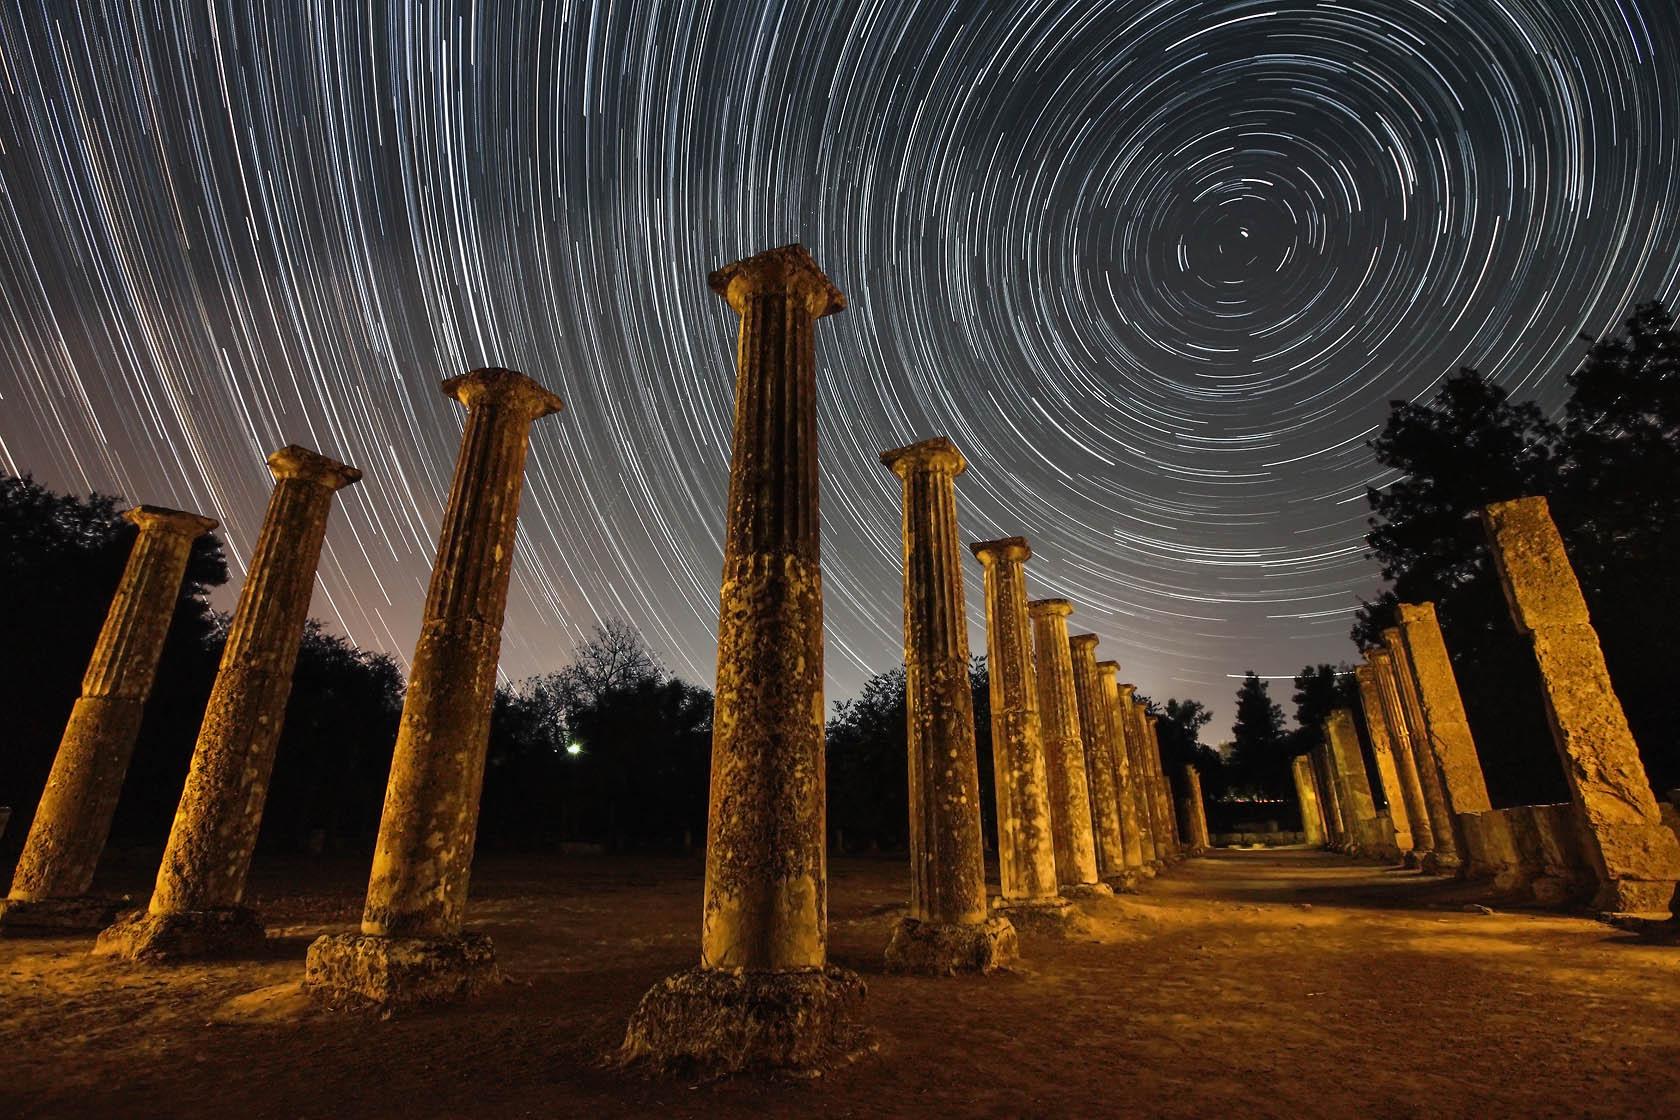 Η παλαίστρα στην αρχαία Ολυμπία ήταν ένα σχεδόν τετράγωνο κτήριο, διαστάσεων περίπου 66Χ66 μέτρων με κιονοστοιχία 72 δωρικών κιόνων.